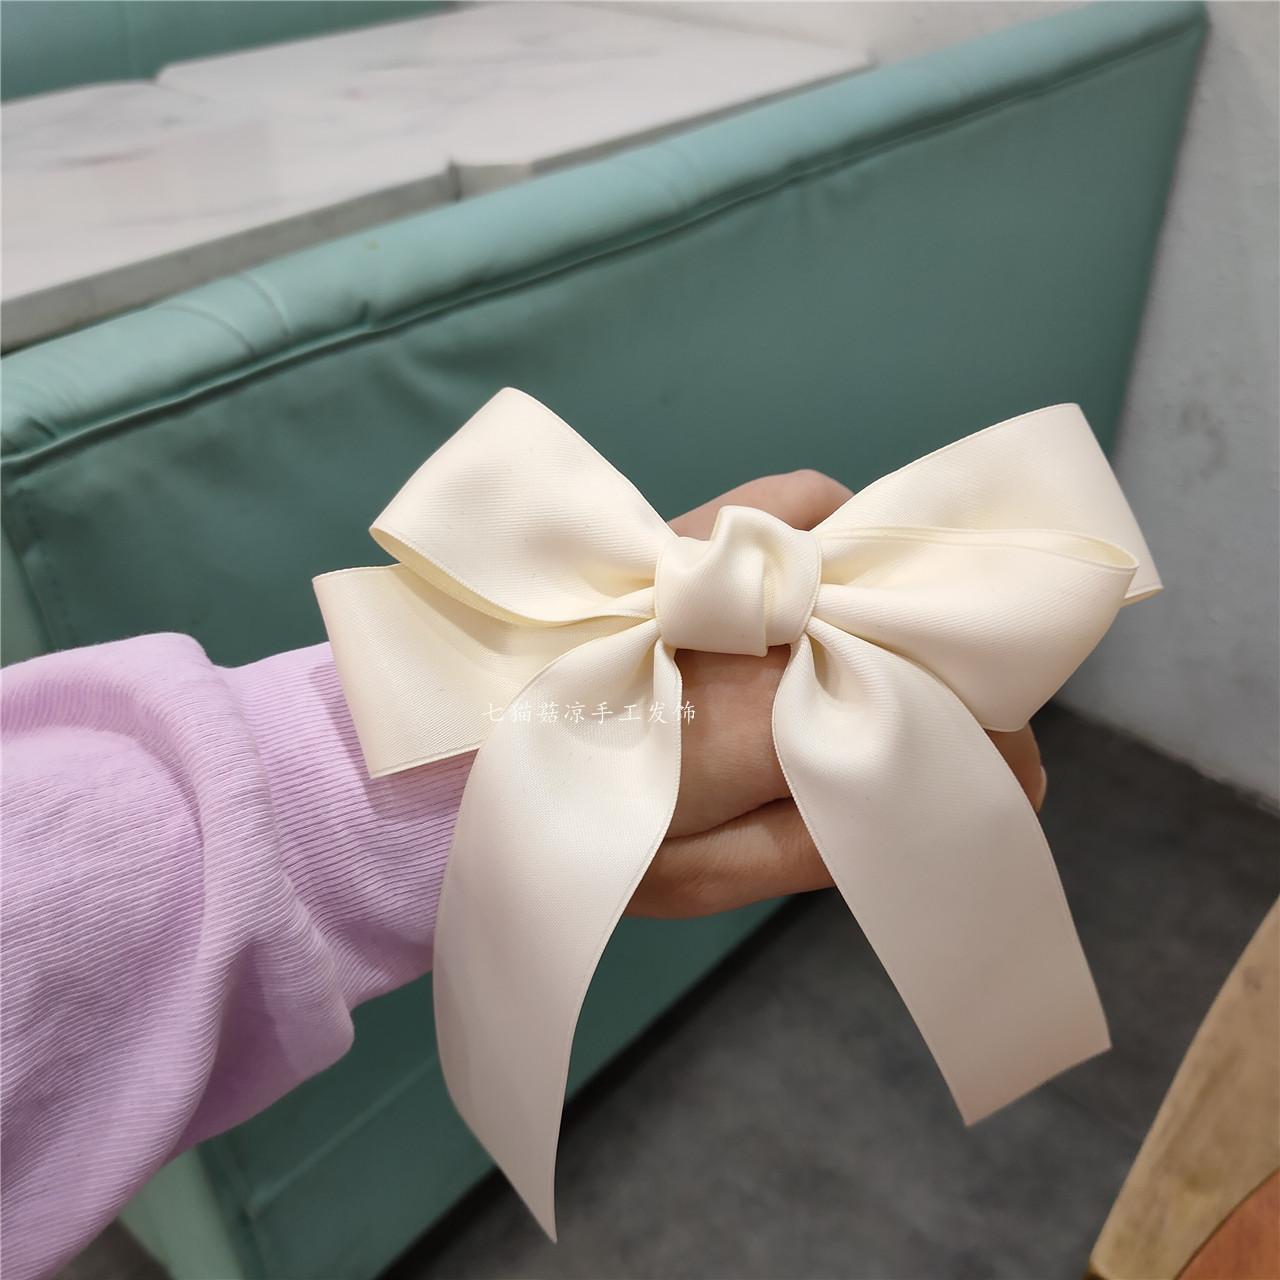 网红仙女款奶白色大蝴蝶结发夹飘带公主顶夹可爱气质少女发饰发卡